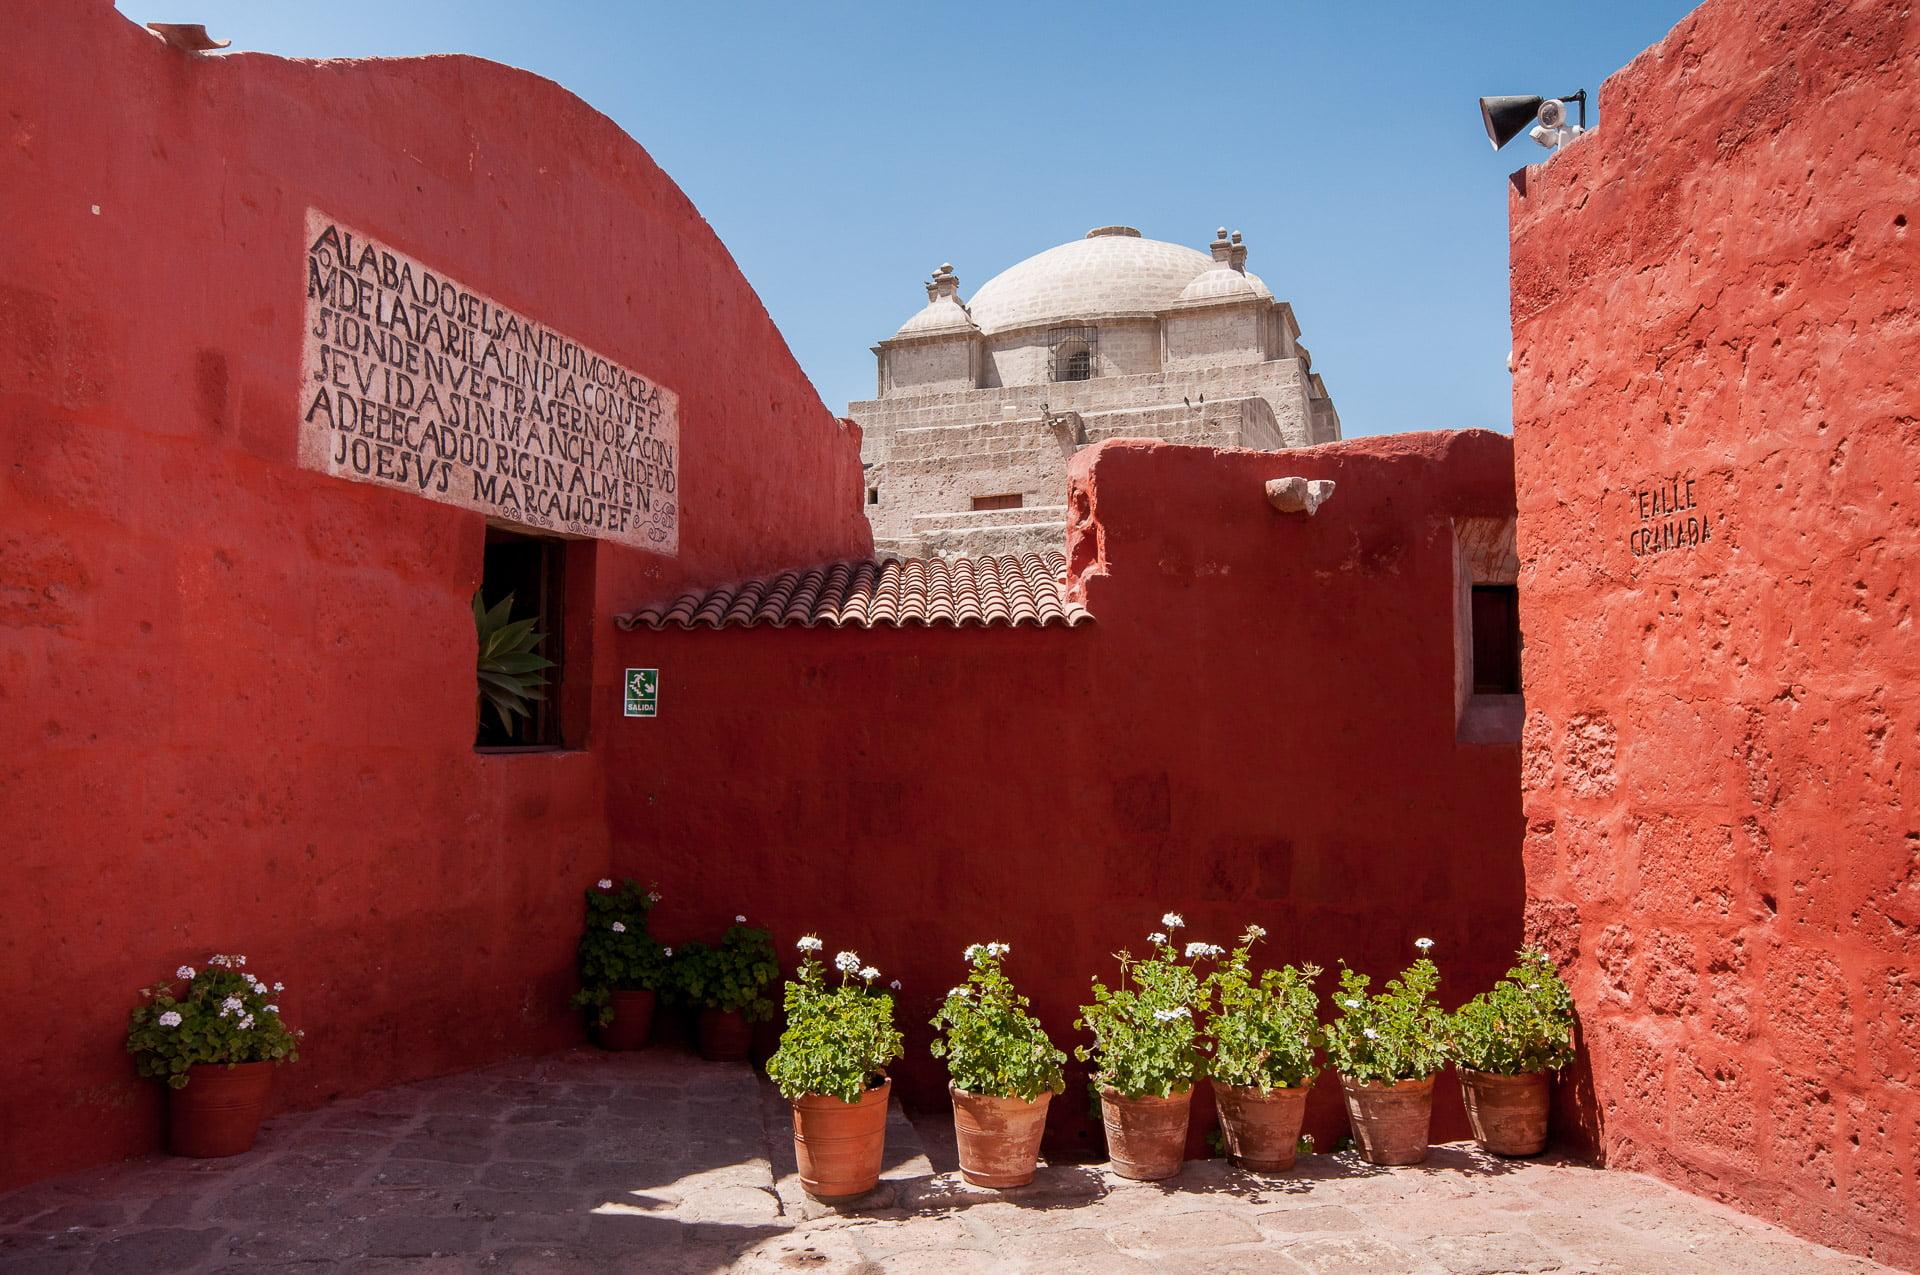 Arequipa couvent cour dôme - Les globe blogueurs - blog voyage nature